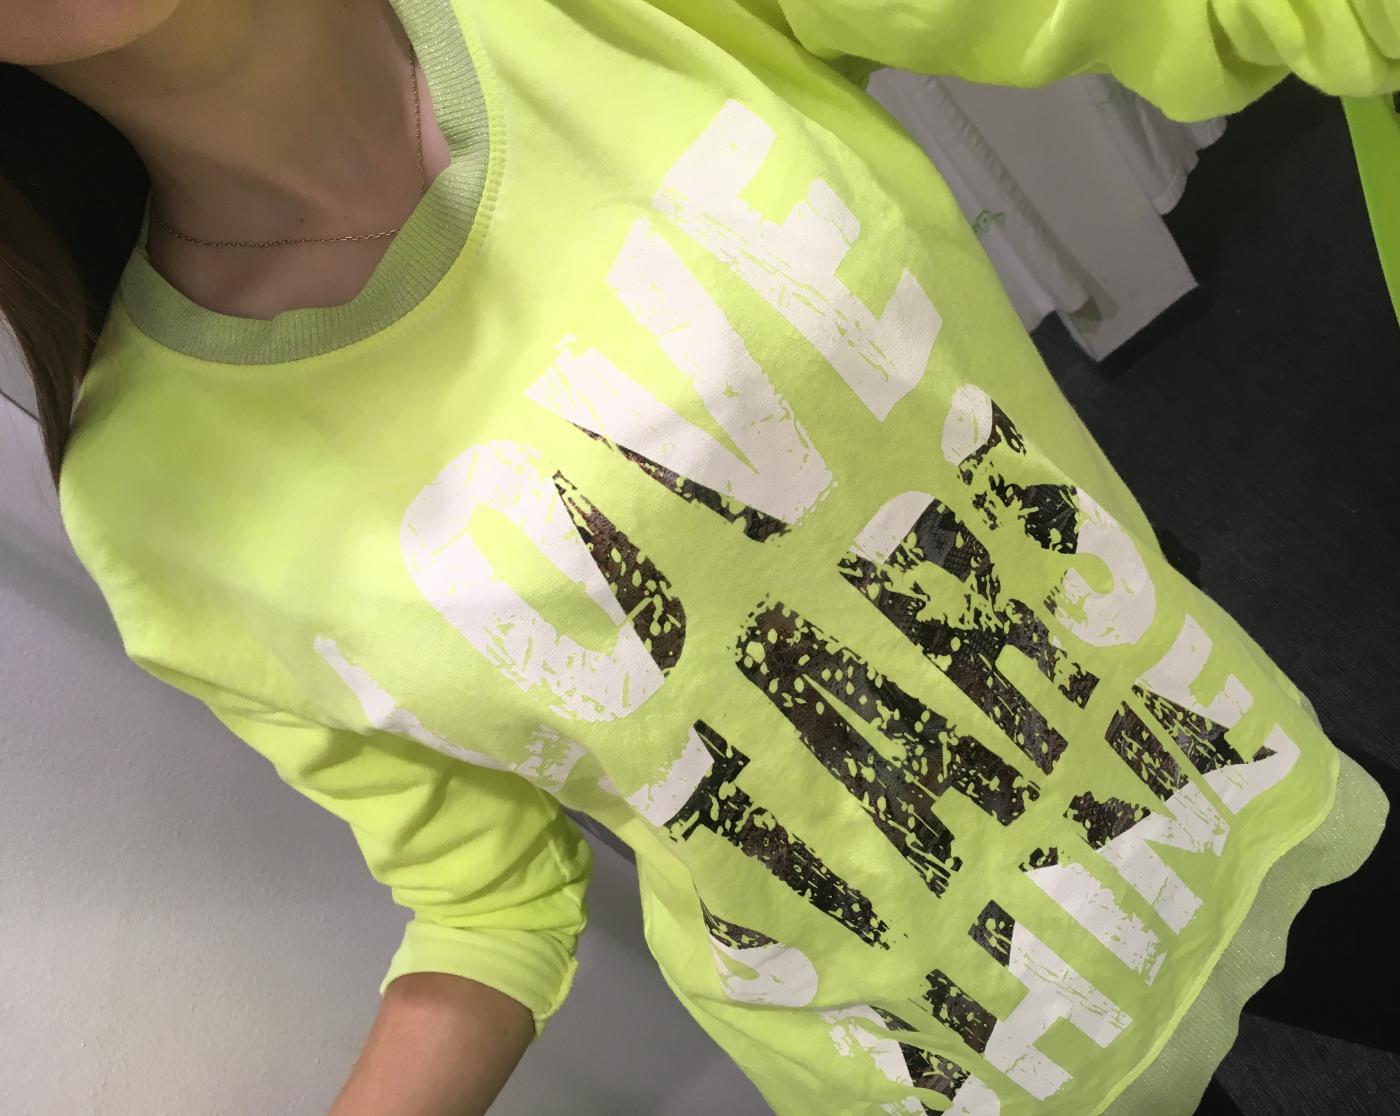 c4ba7a228502 Dámske neónové tričko s nápismi